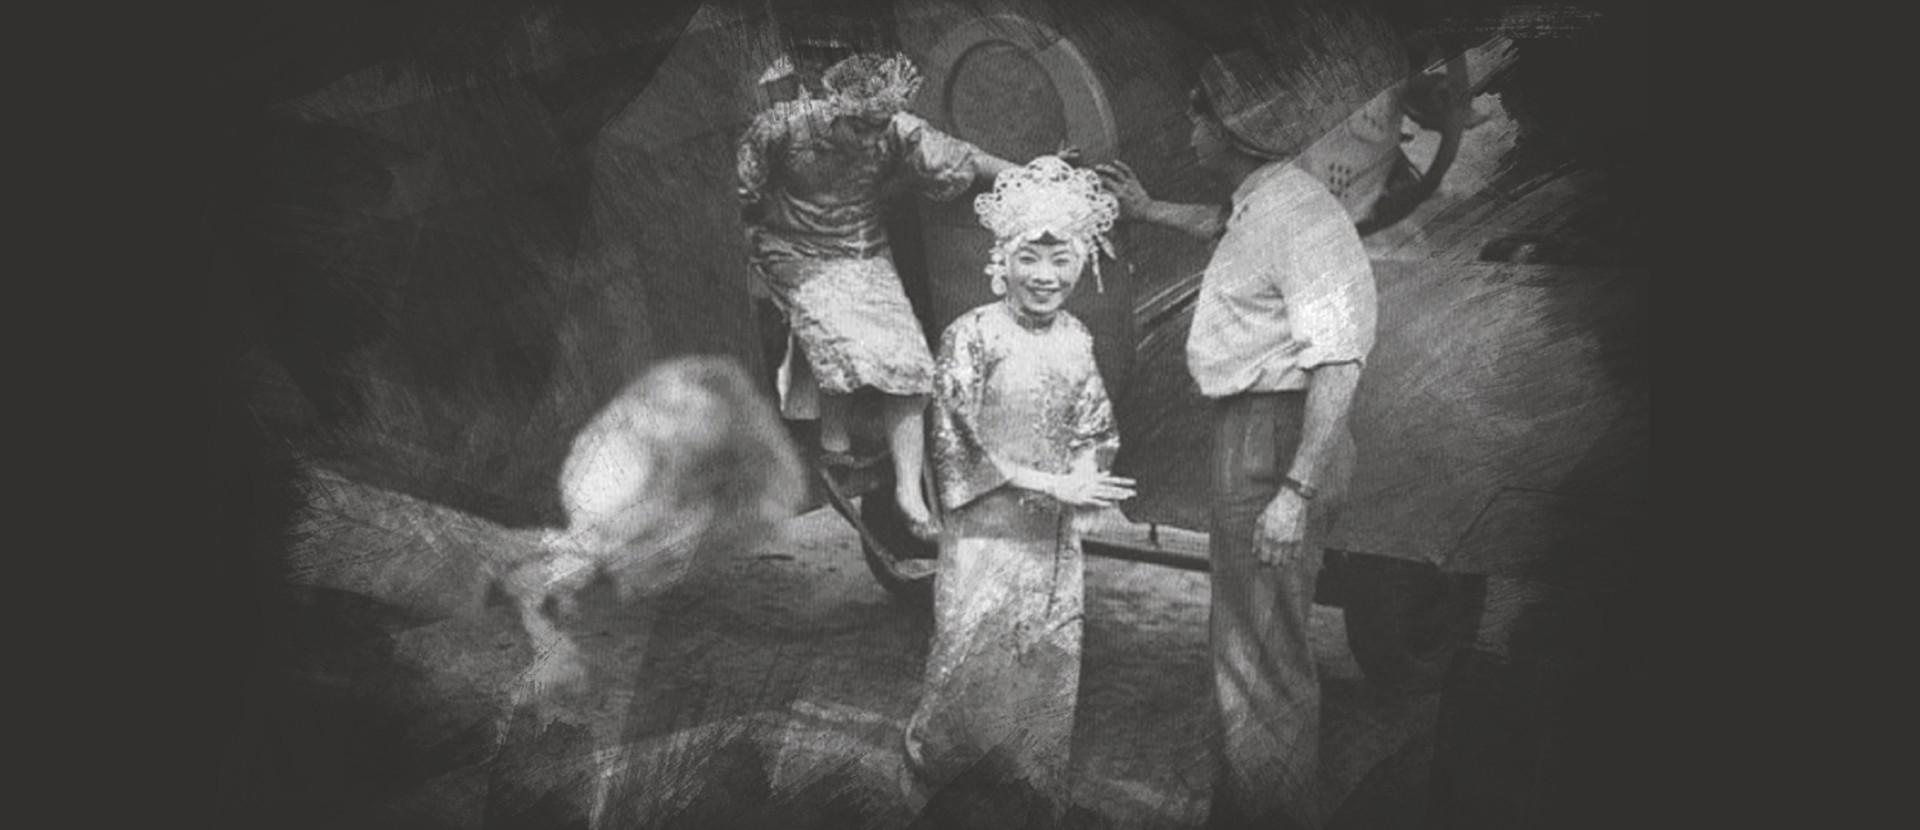 100 năm sân khấu cải lương: Nguyễn Ngọc Cương - người khai sáng - Ảnh 4.